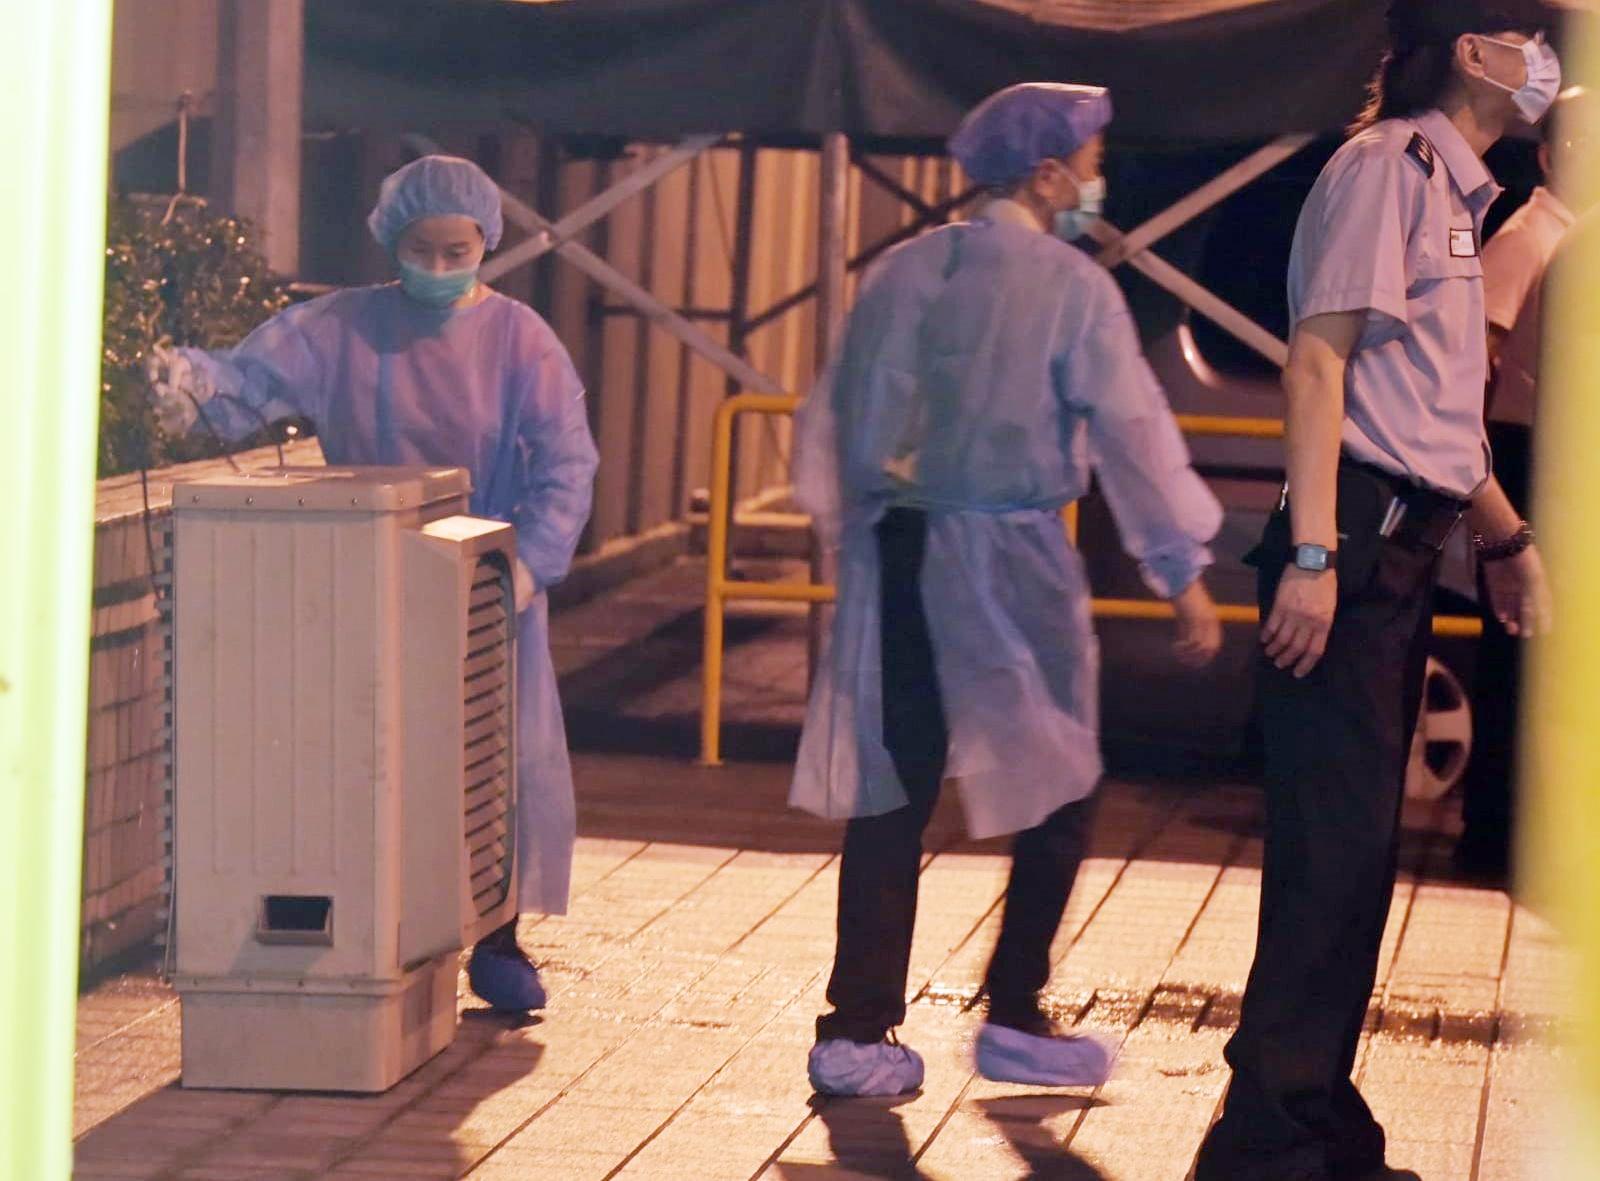 上水屠房再现疫情要关闭清毒。